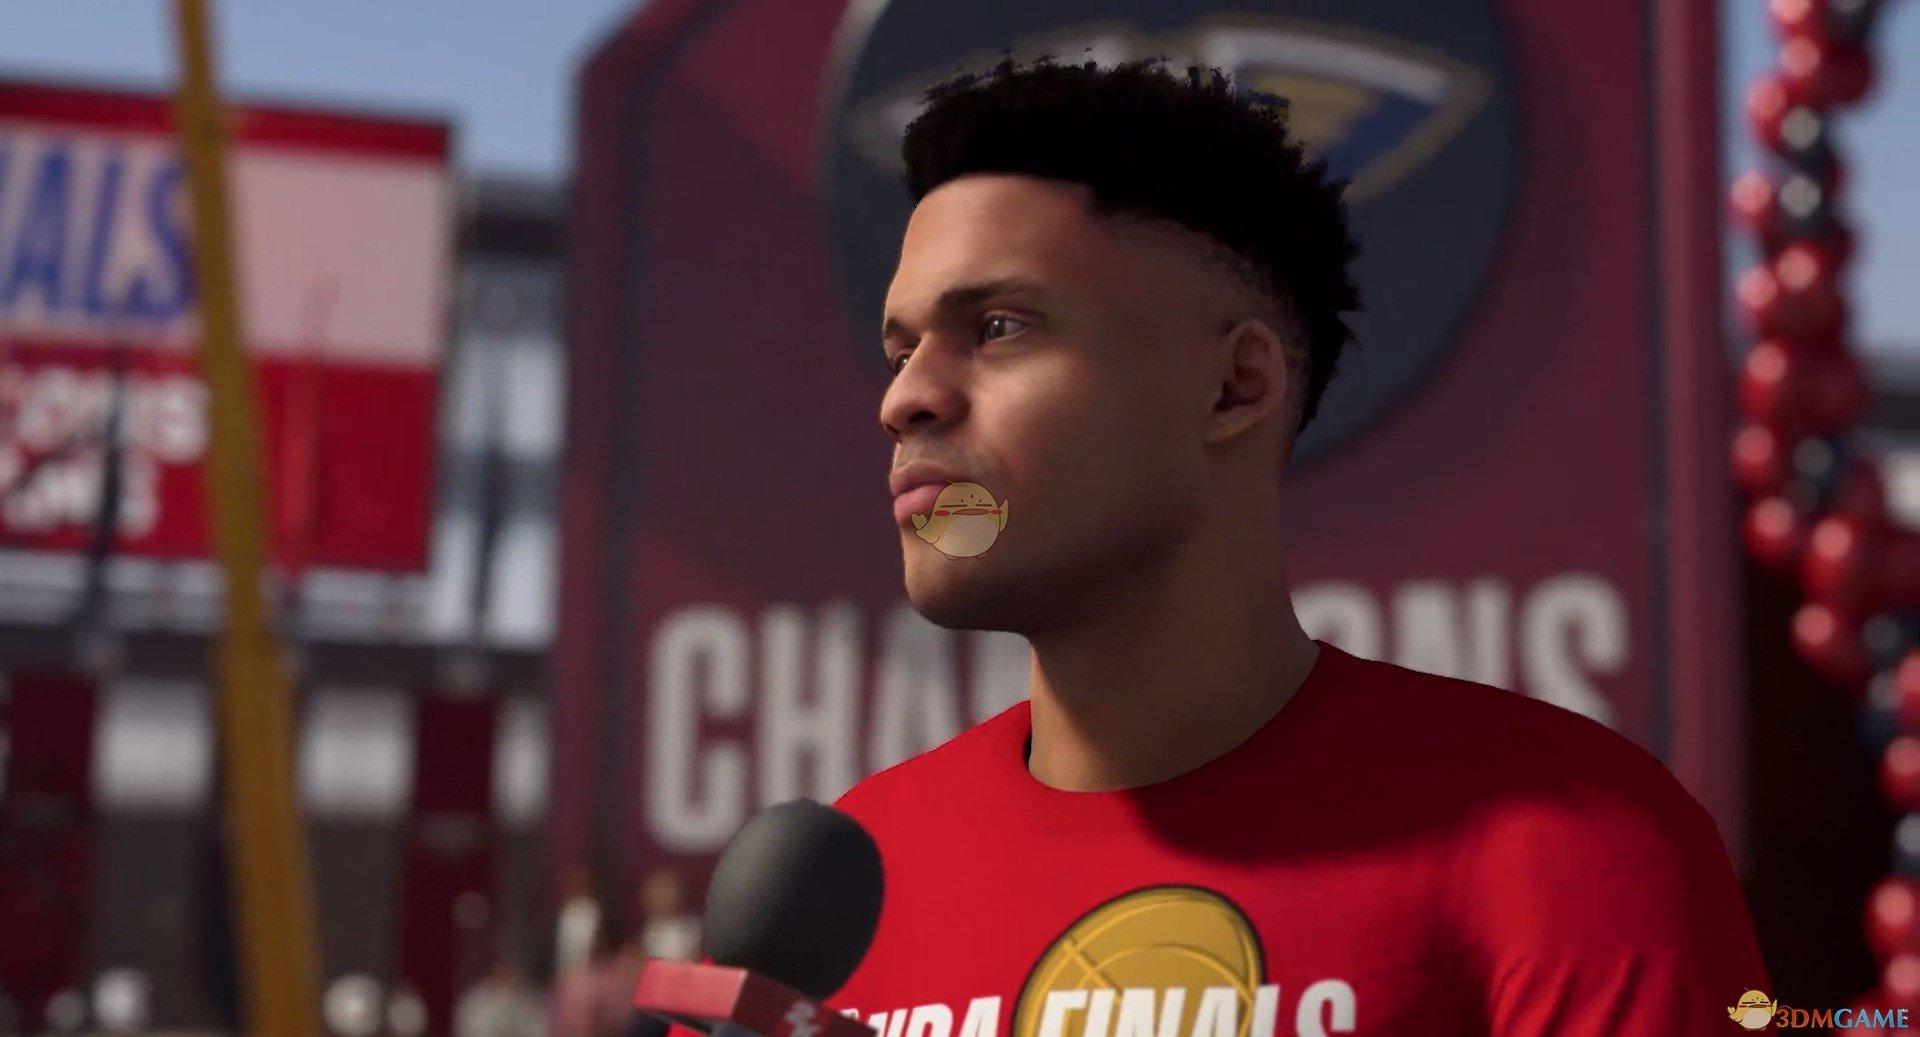 《NBA 2K20》扣篮动作推荐